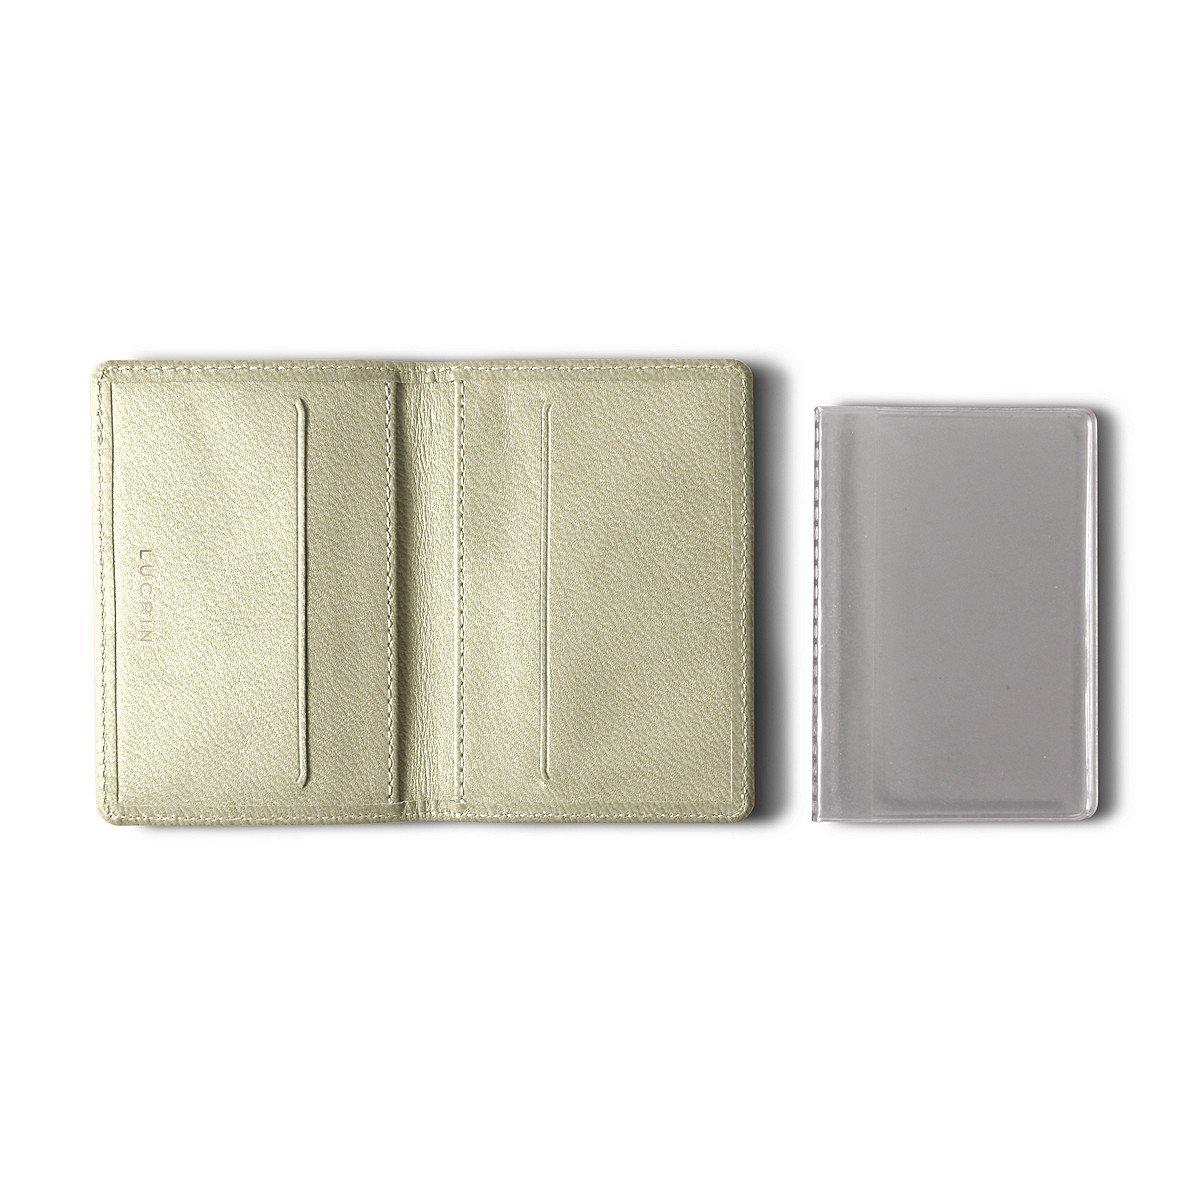 Lucrin -  Étui pour Carte de Credit ou Porte-Carte Bancaire en Cuir ... 4b5eedd9728